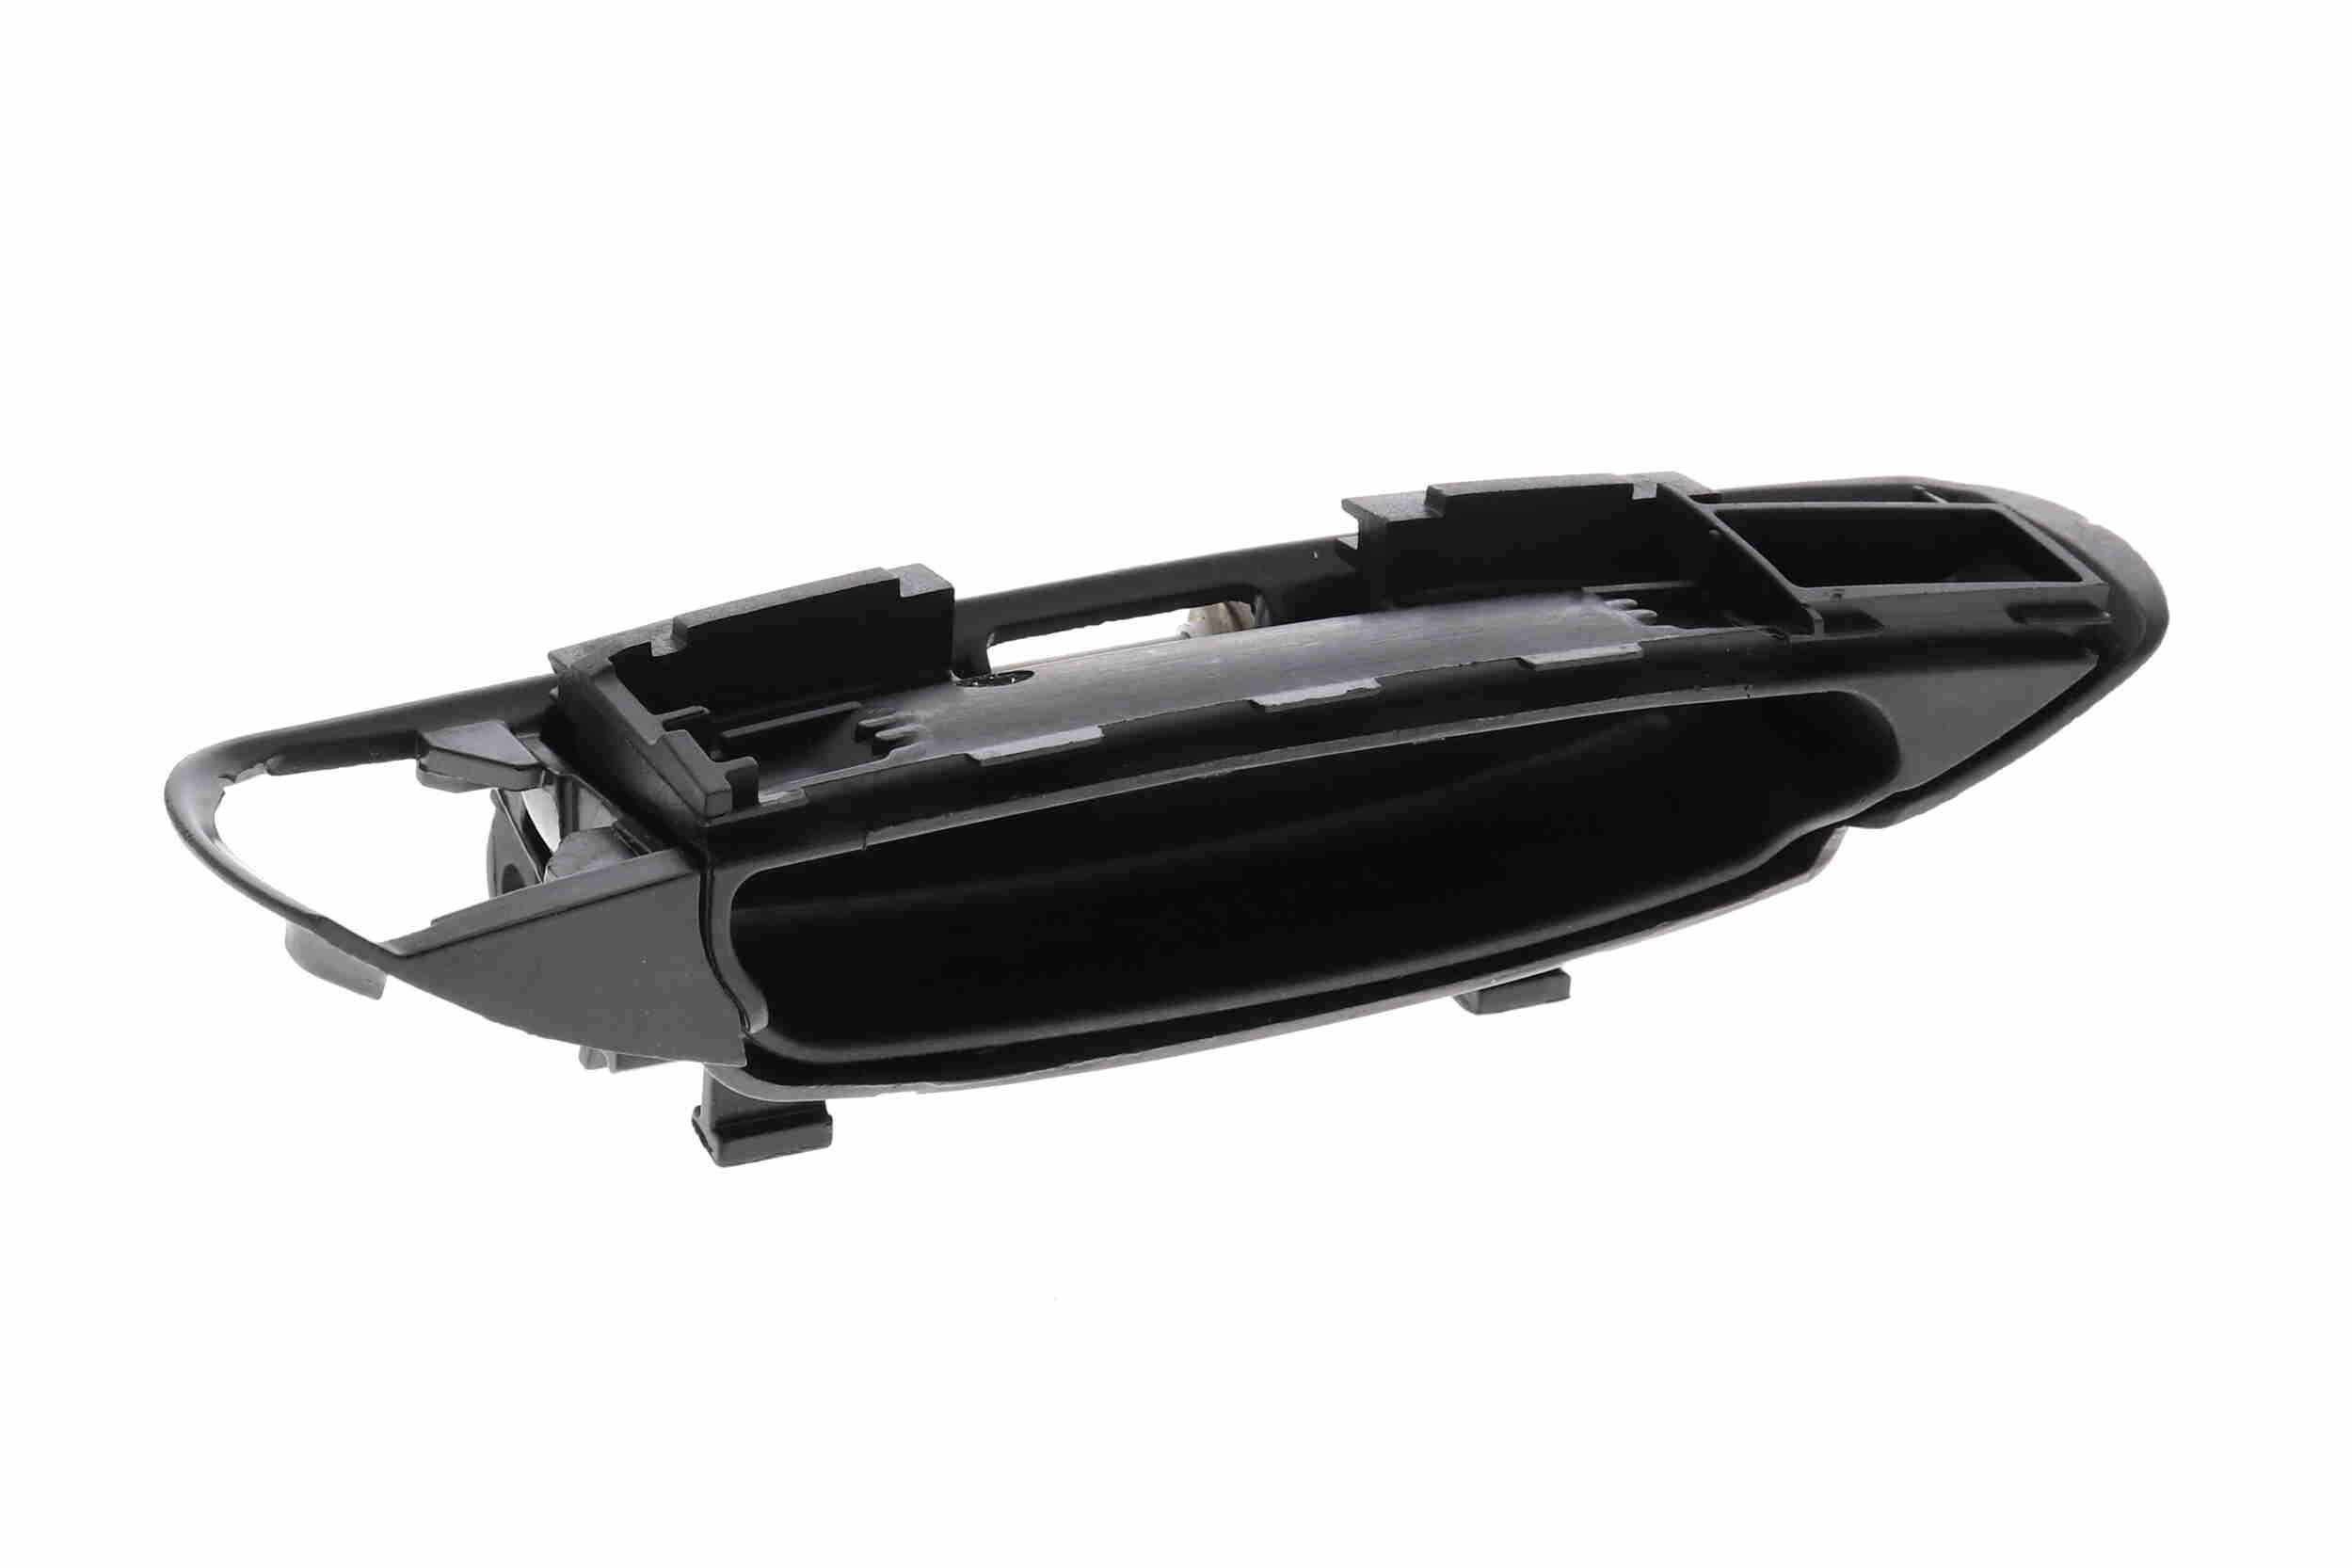 AUDI A3 2008 Heckklappengriff - Original VAICO V10-6651